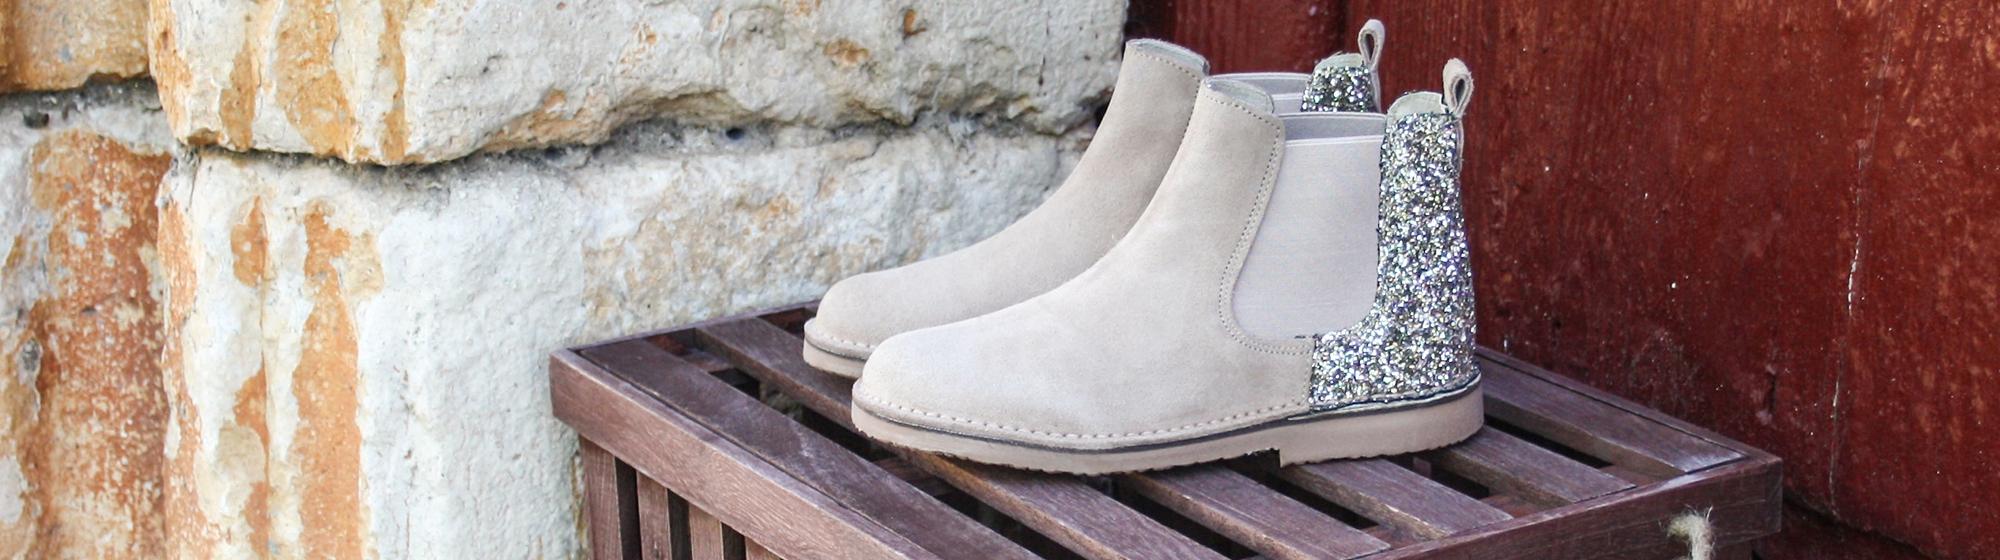 99e5681cb Botas para Mujer. Calzado online barato y de calidad